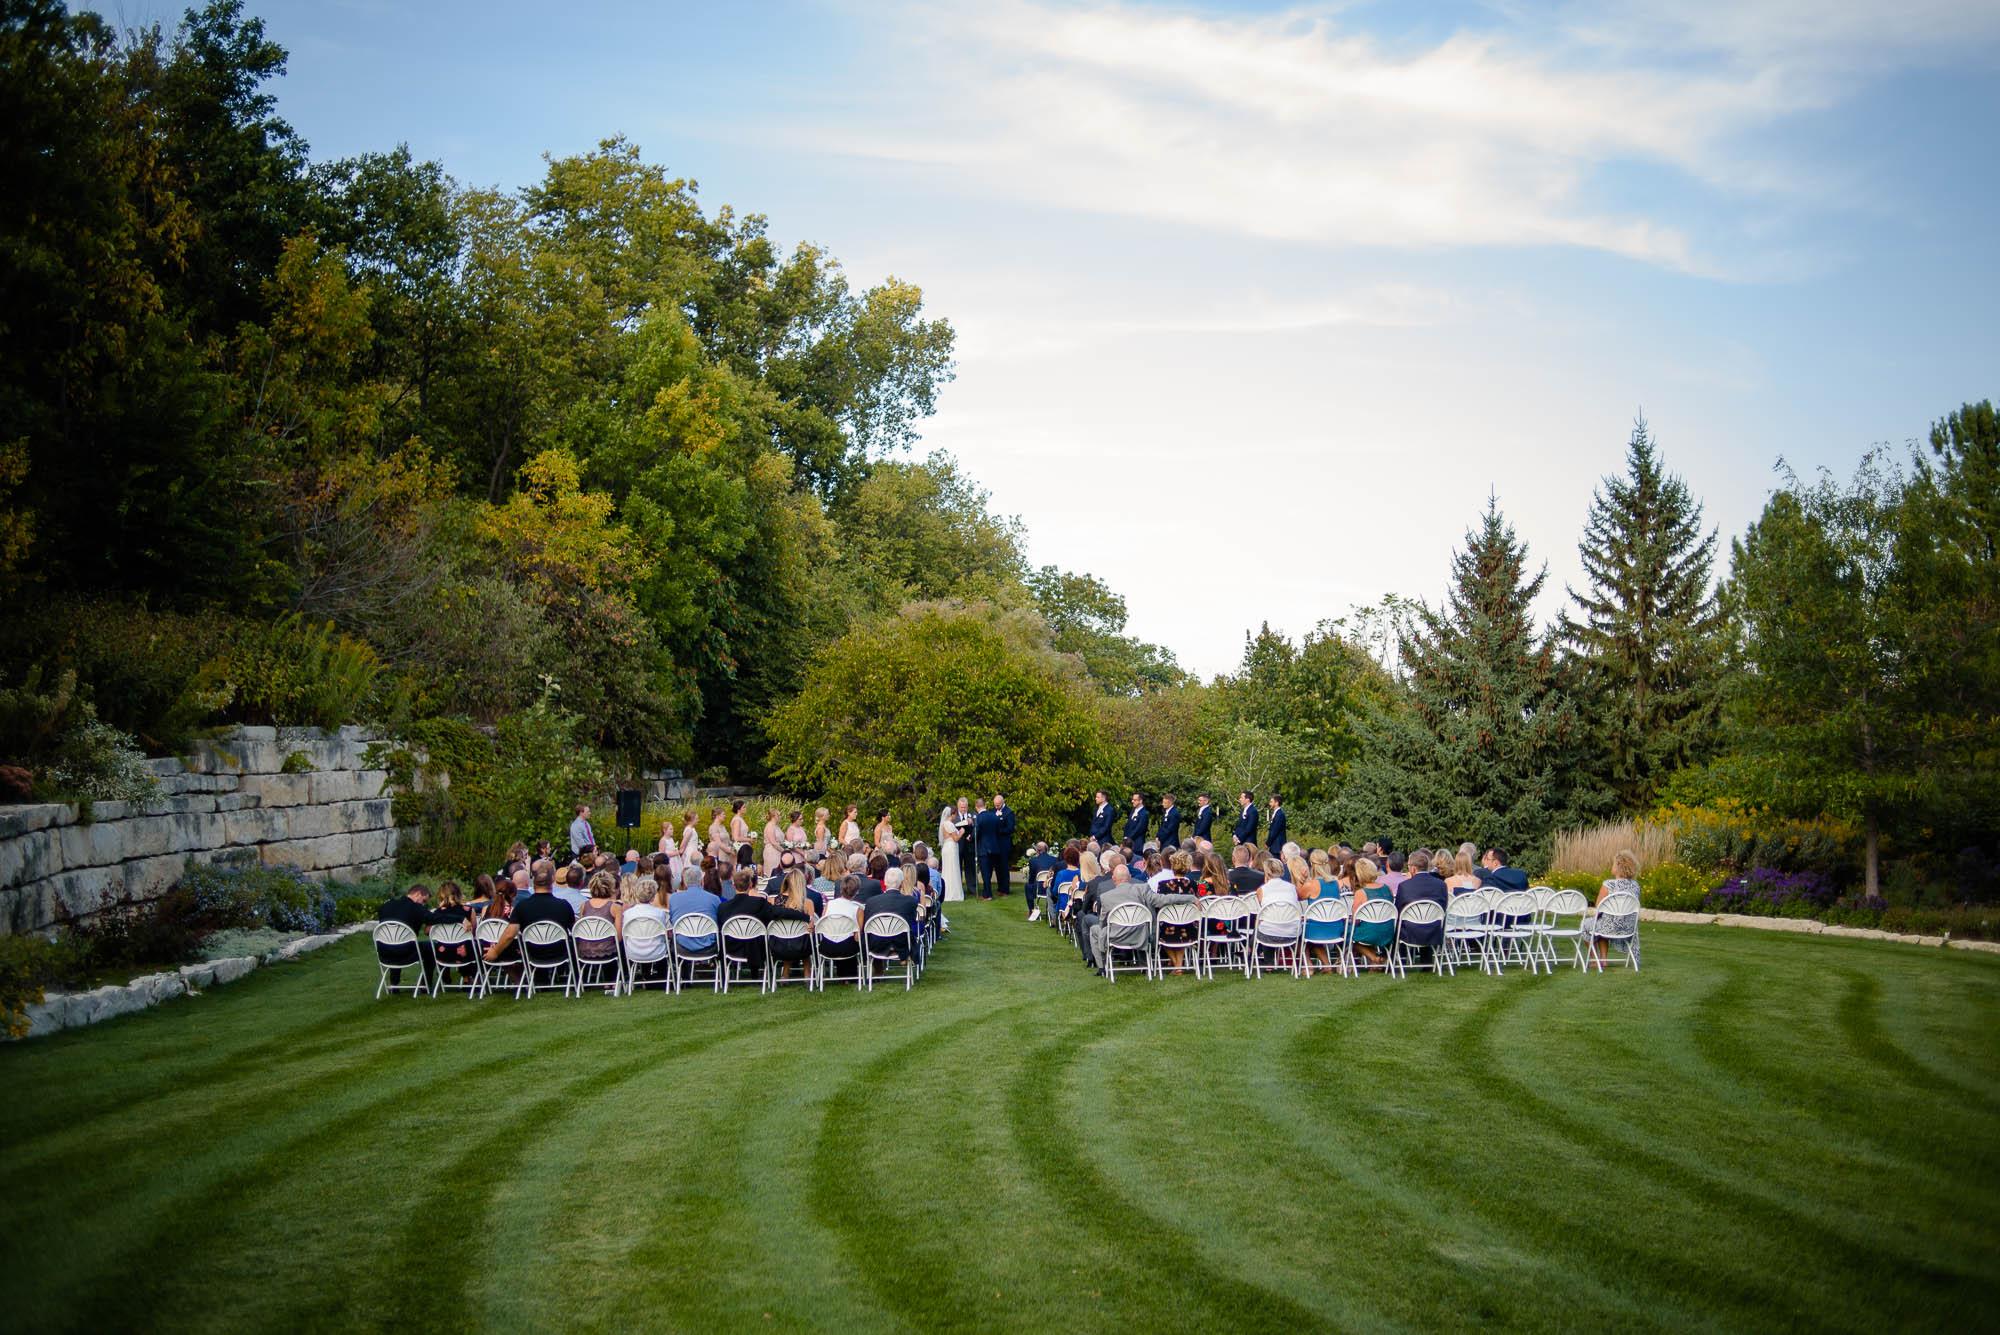 lauritzen-garden-omaha-liz-daniel-omaha-wedding-photographer-jm-studios-29029.jpg